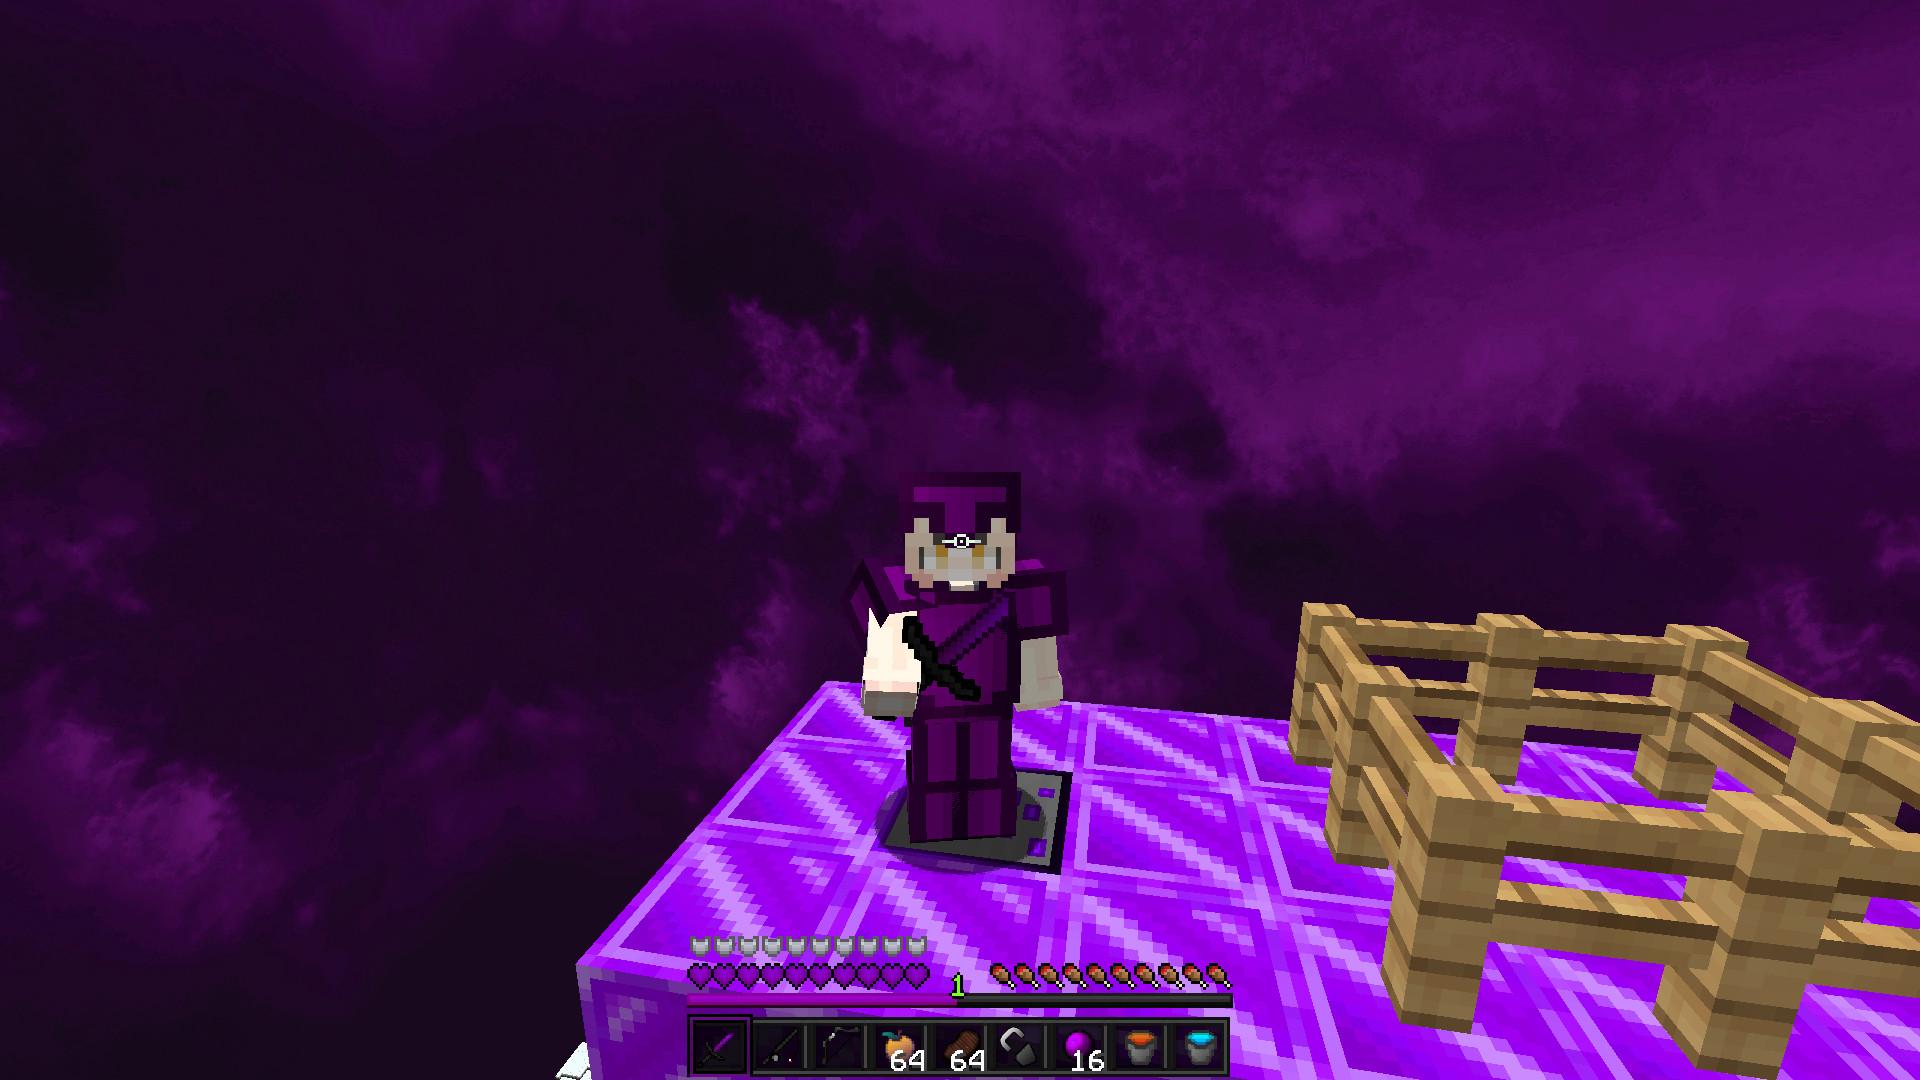 !         dAqua 32x (purple x violet edit)